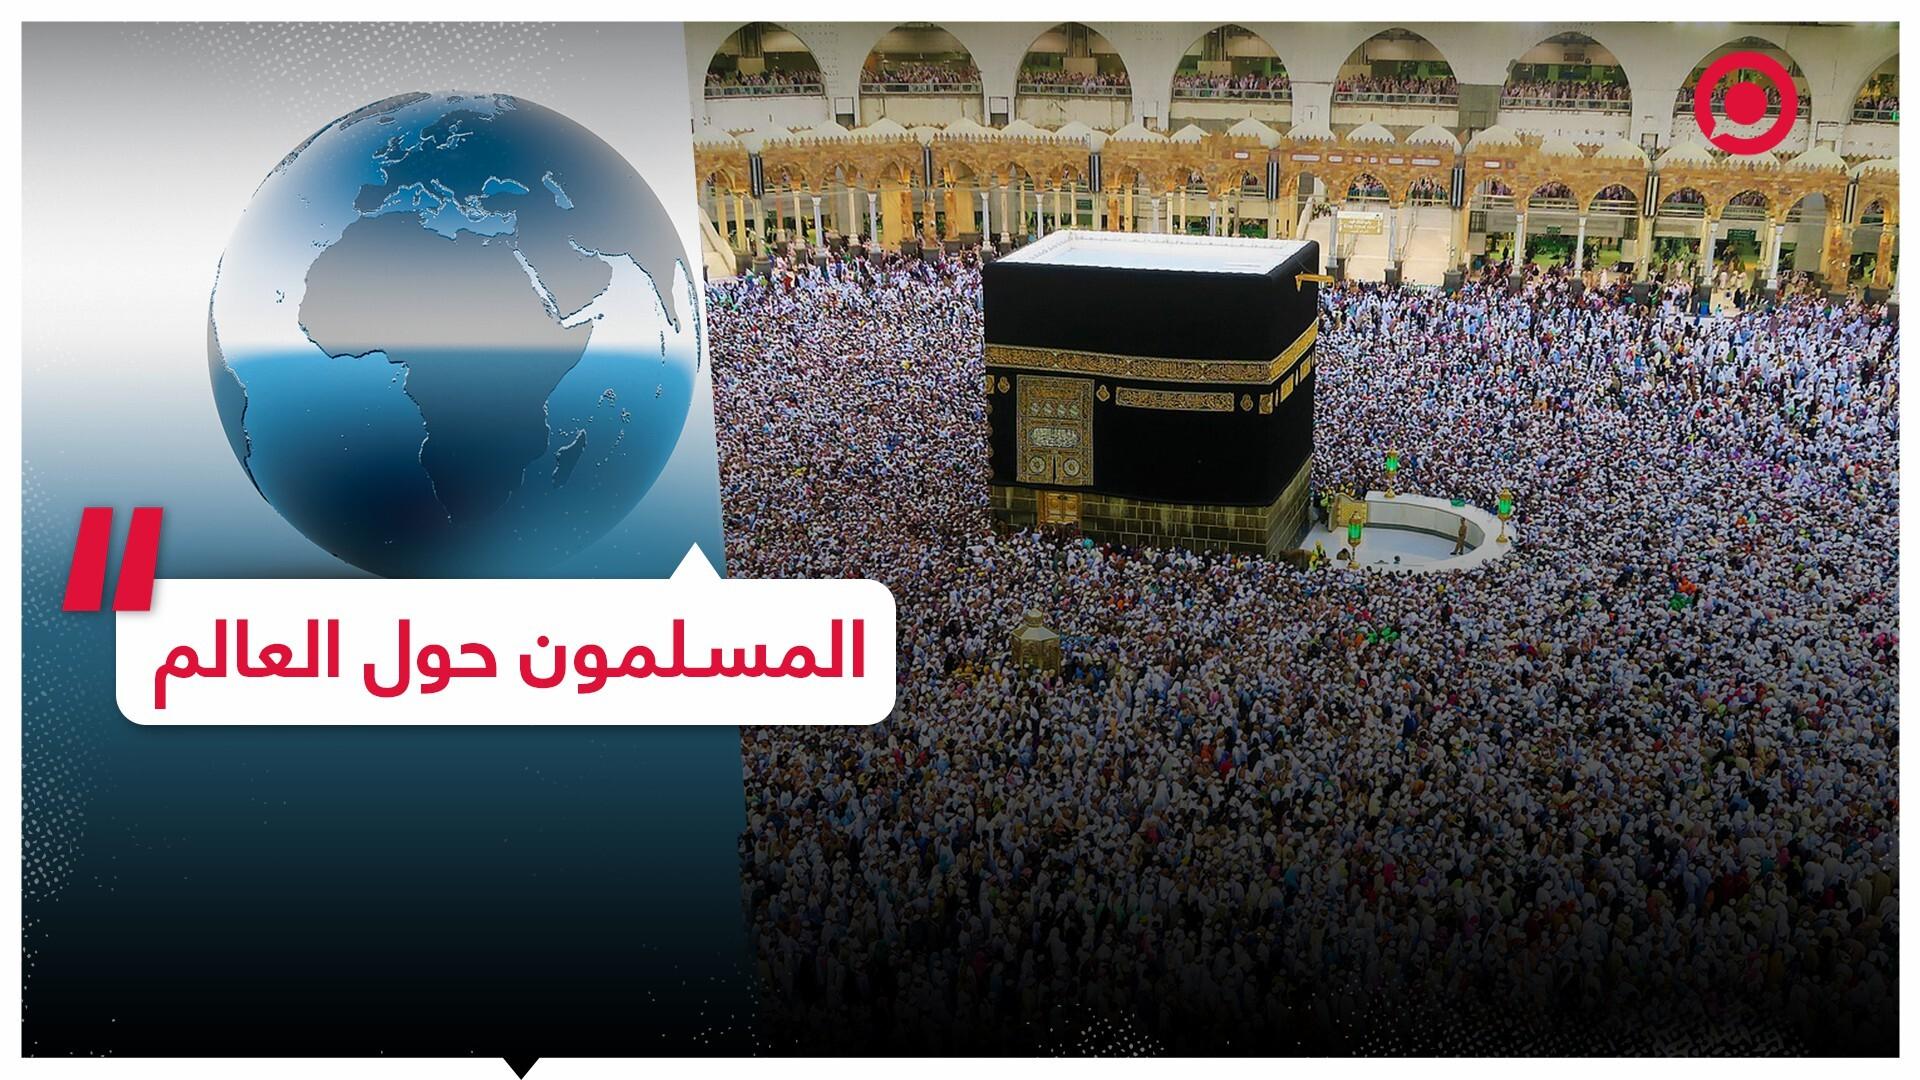 أكبر دول العالم من حيث عدد المسلمين